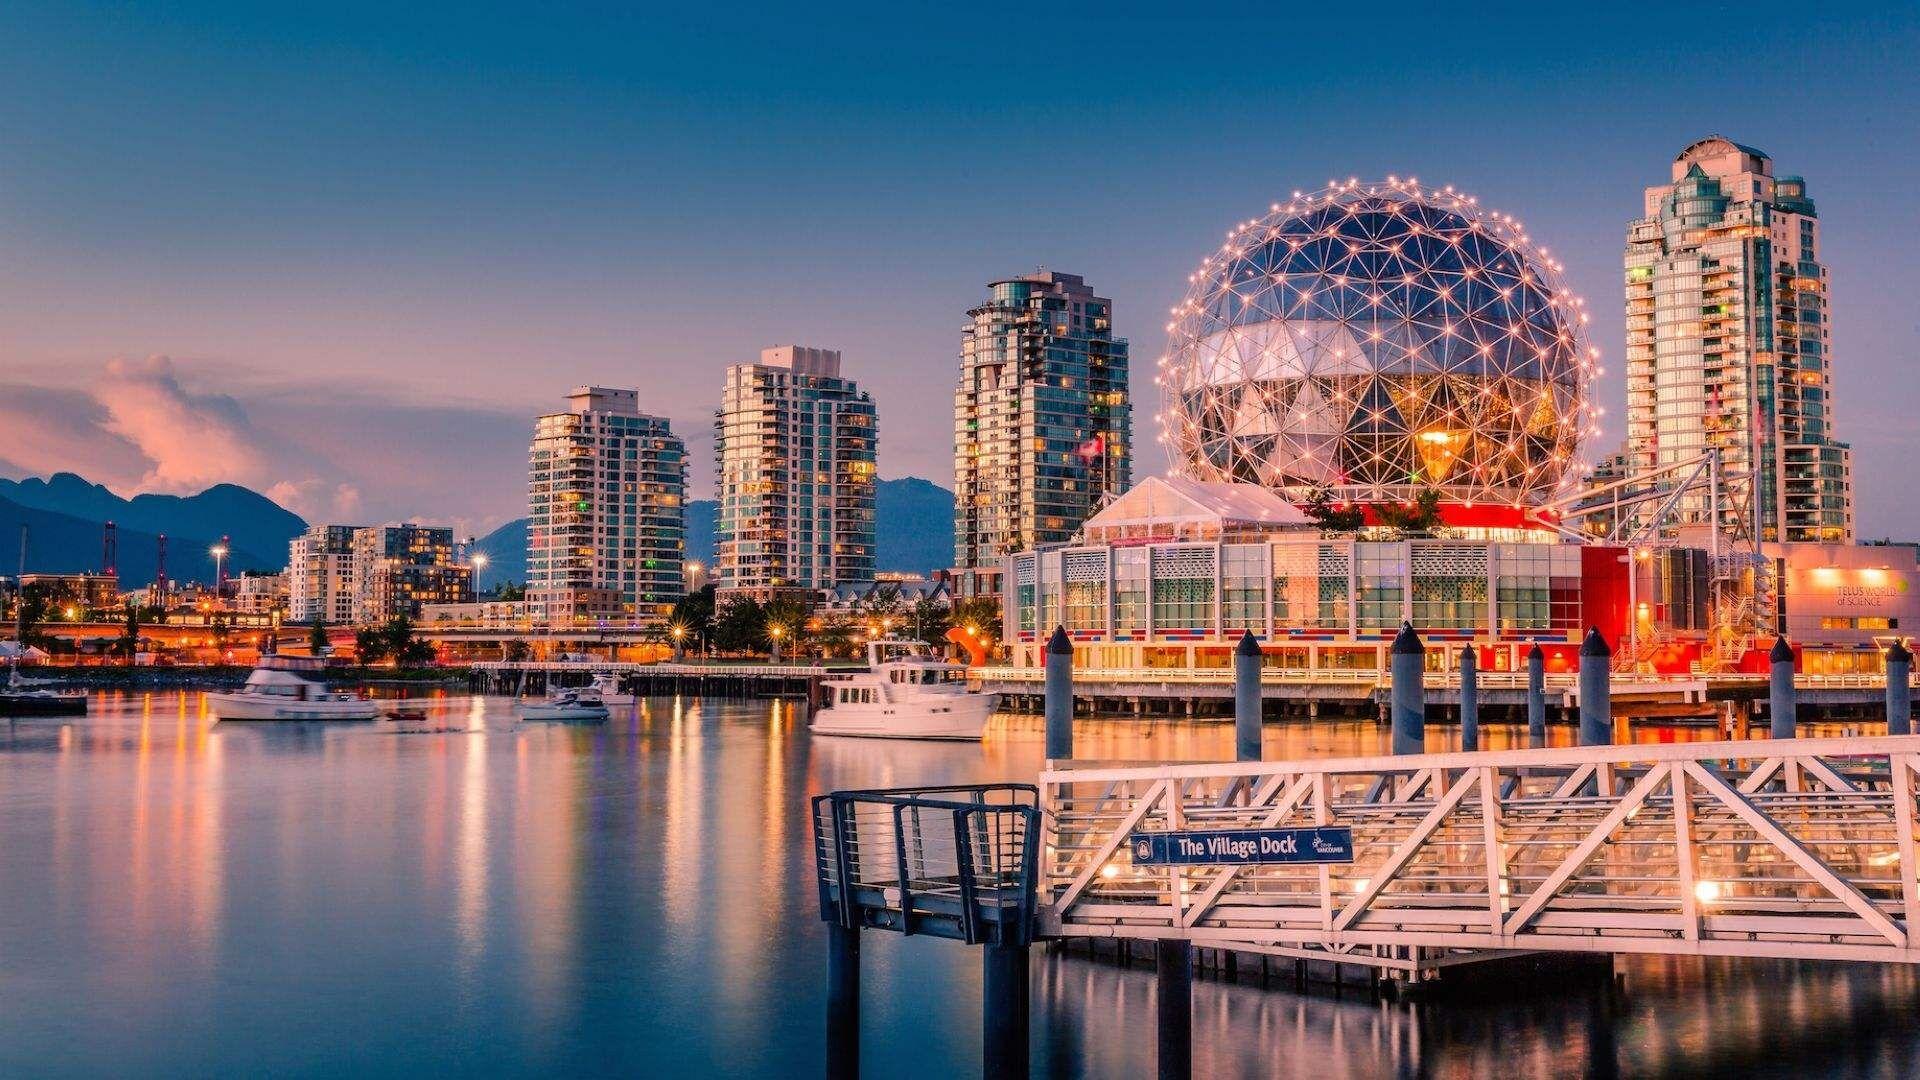 加拿大自雇移民项目——特殊人才的快速通道